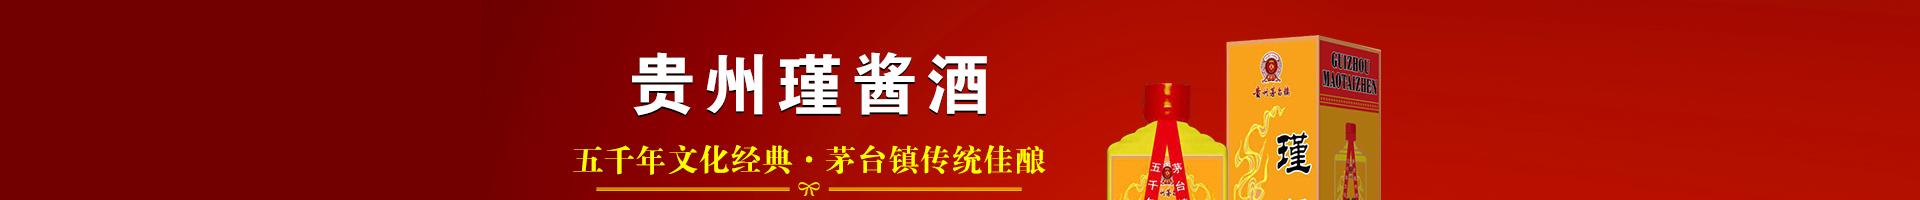 贵州省仁怀市永财酒业销售有限公司